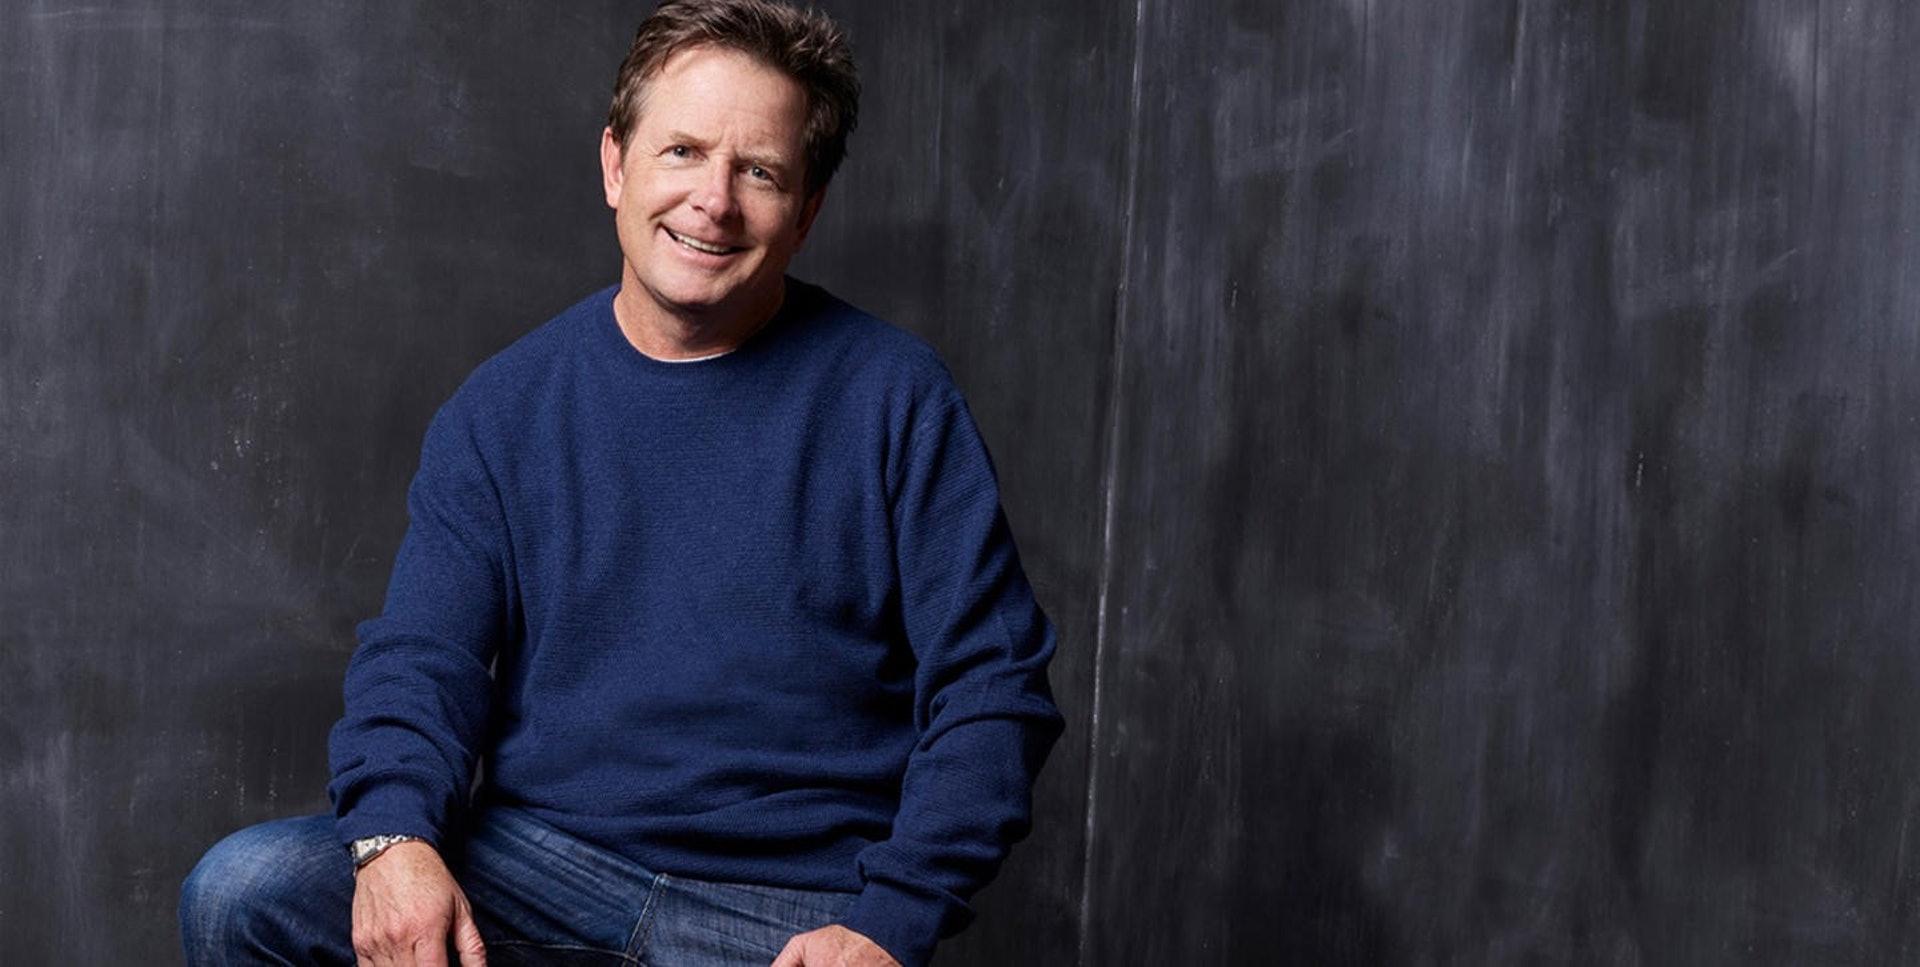 柏金遜症並非只有年長人士才會患上,《回到未來》的男主角米高霍士(Michael J. Fox)便曾在29歲時確診。(圖片:michaeljfox)